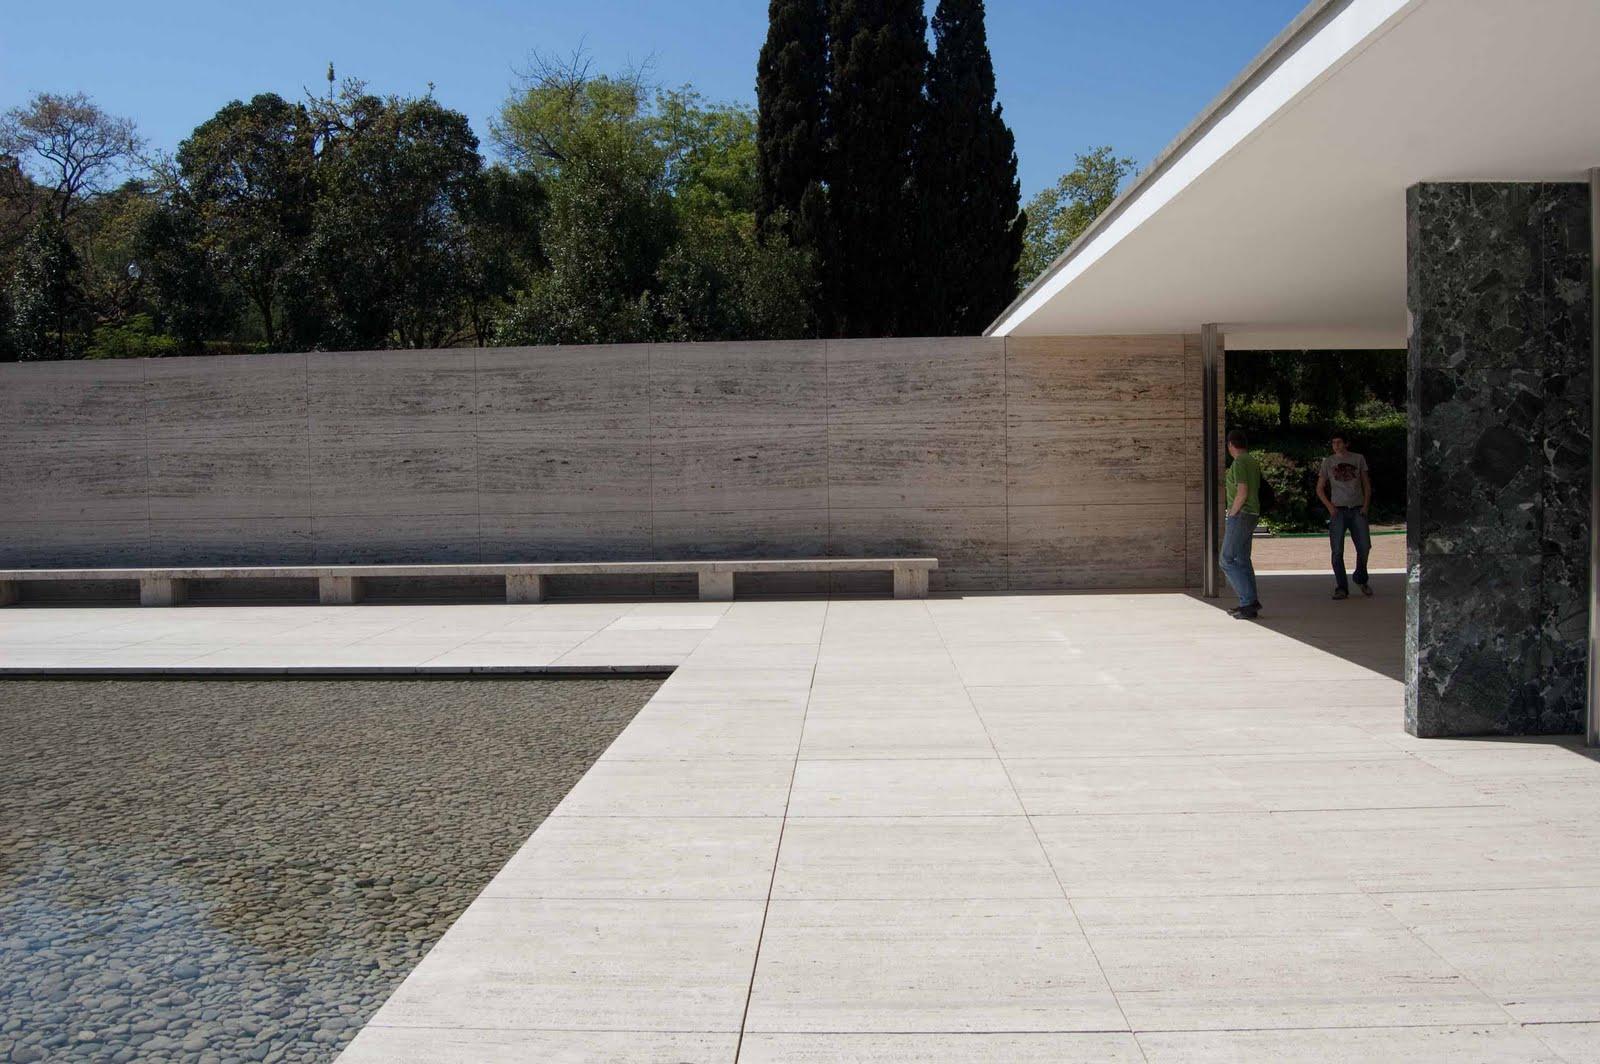 Arquitectura 1 agg pabellon de barcelona mies 1929 - Agg arquitectura ...